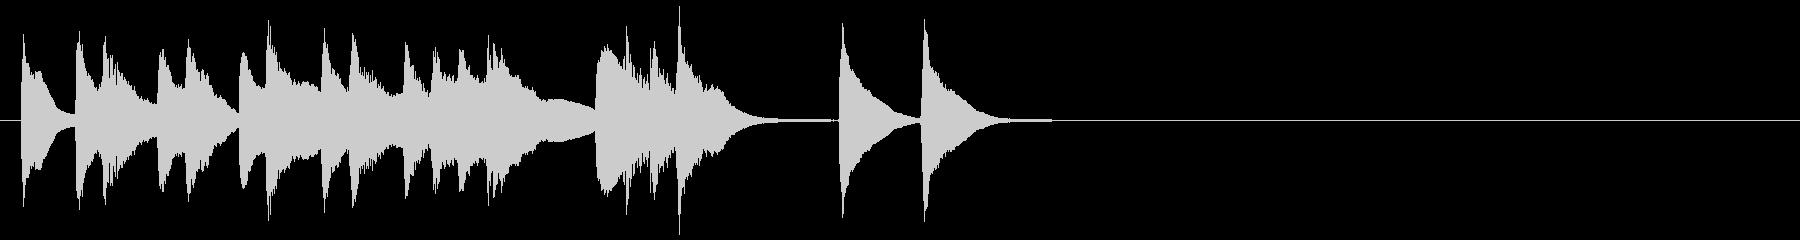 キラキラで可愛いポップなBGM の未再生の波形